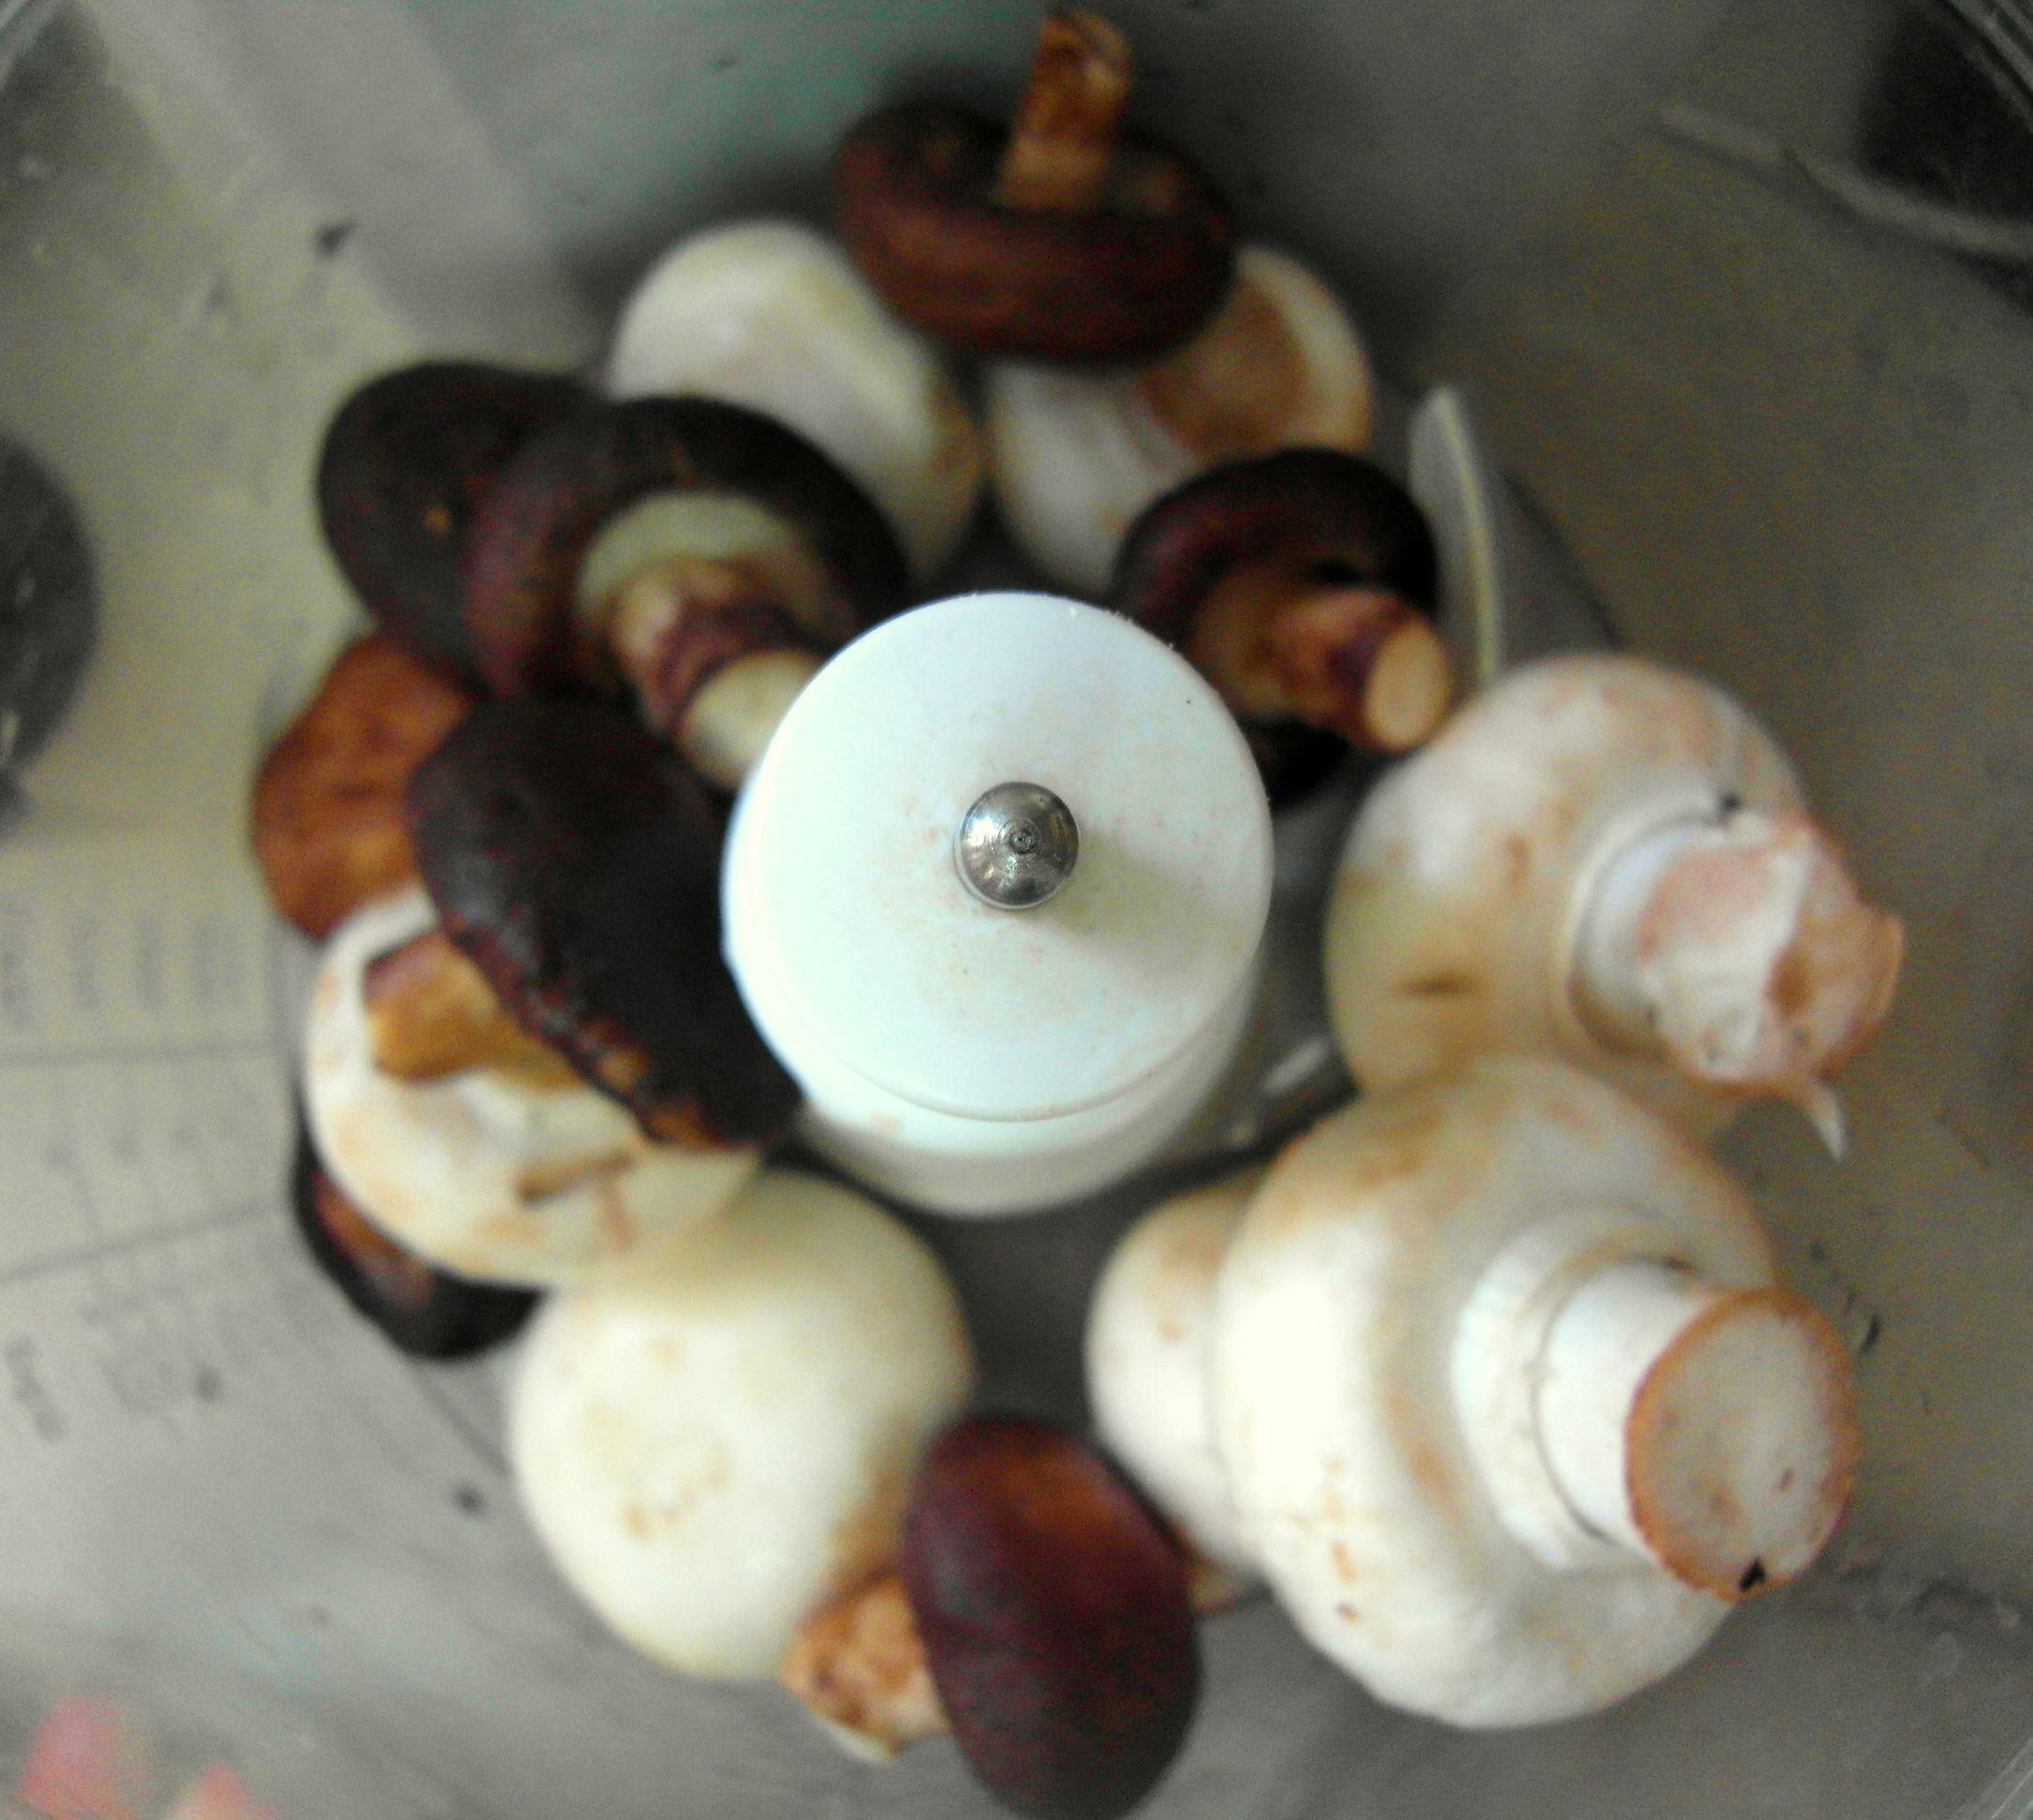 בורגר עדשים פטריות טבעוני מתכונים טבעוניים של השוחטת הטבעונית יעלי שוחט